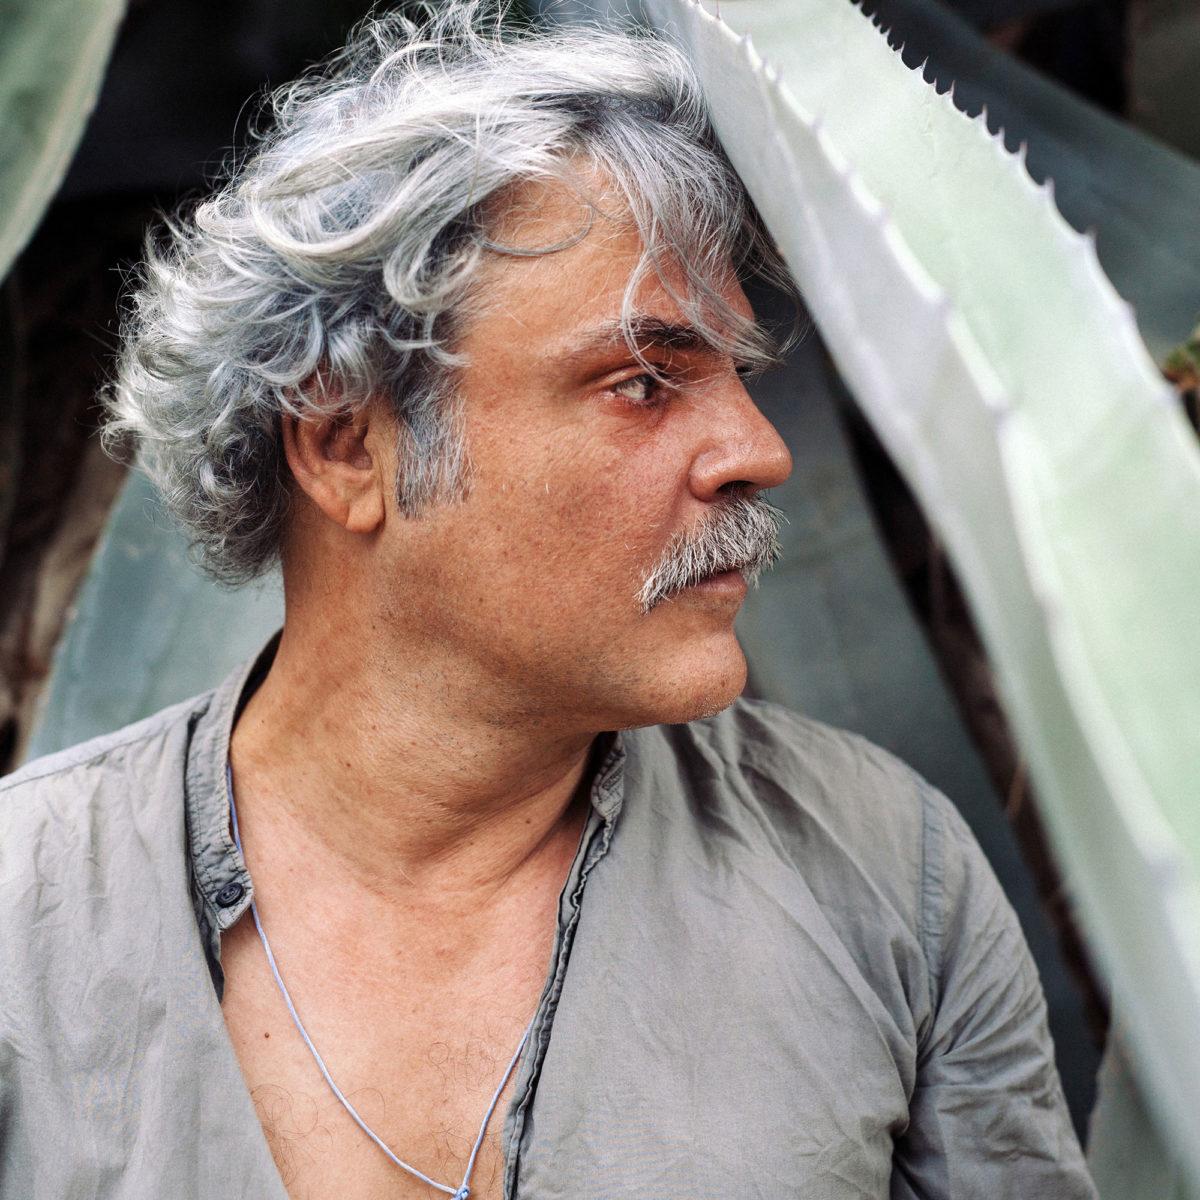 Νίκος Καραθάνος, σκηνοθέτης. Φωτογραφία: Πάρις Ταβιτιάν.